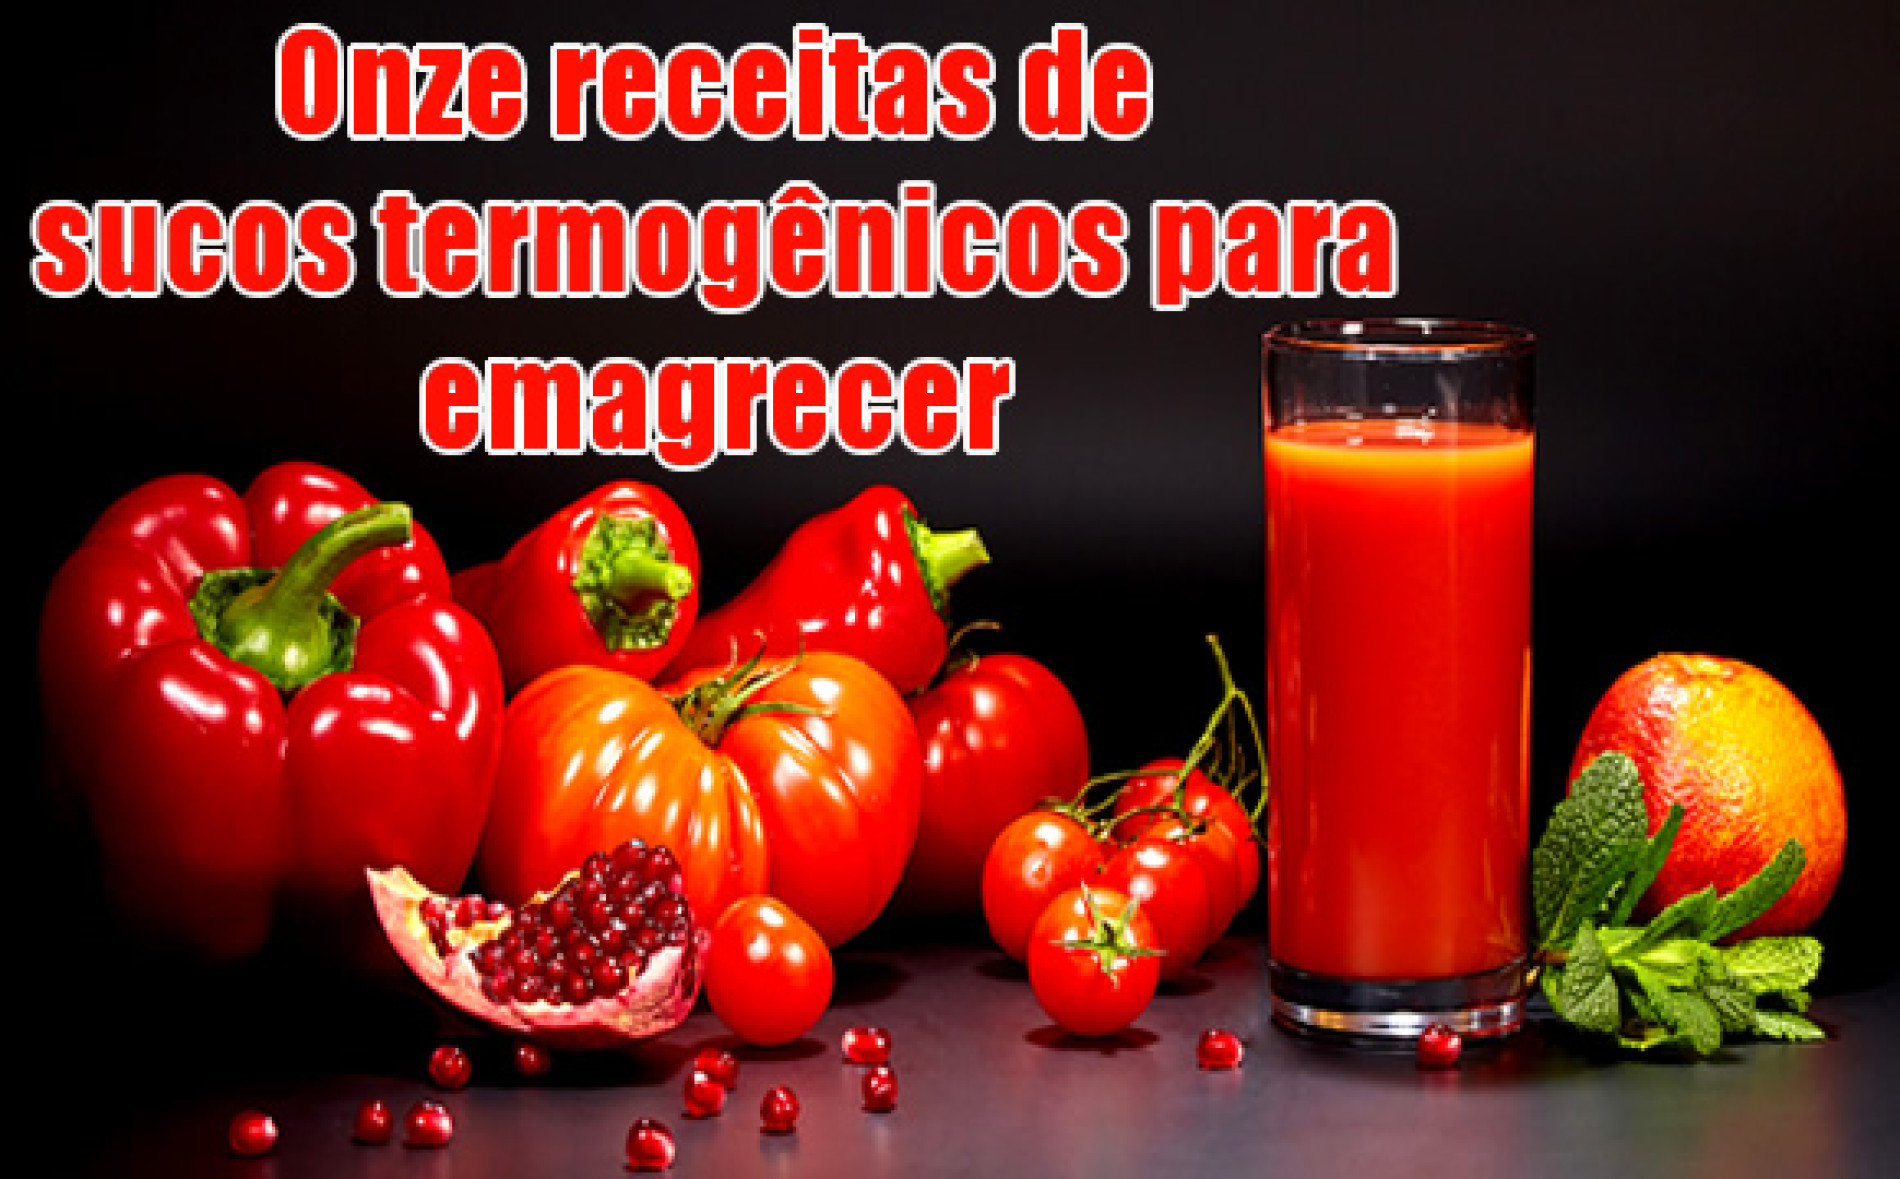 Sucos Termogênicos – 11 receitas para queimar gordura